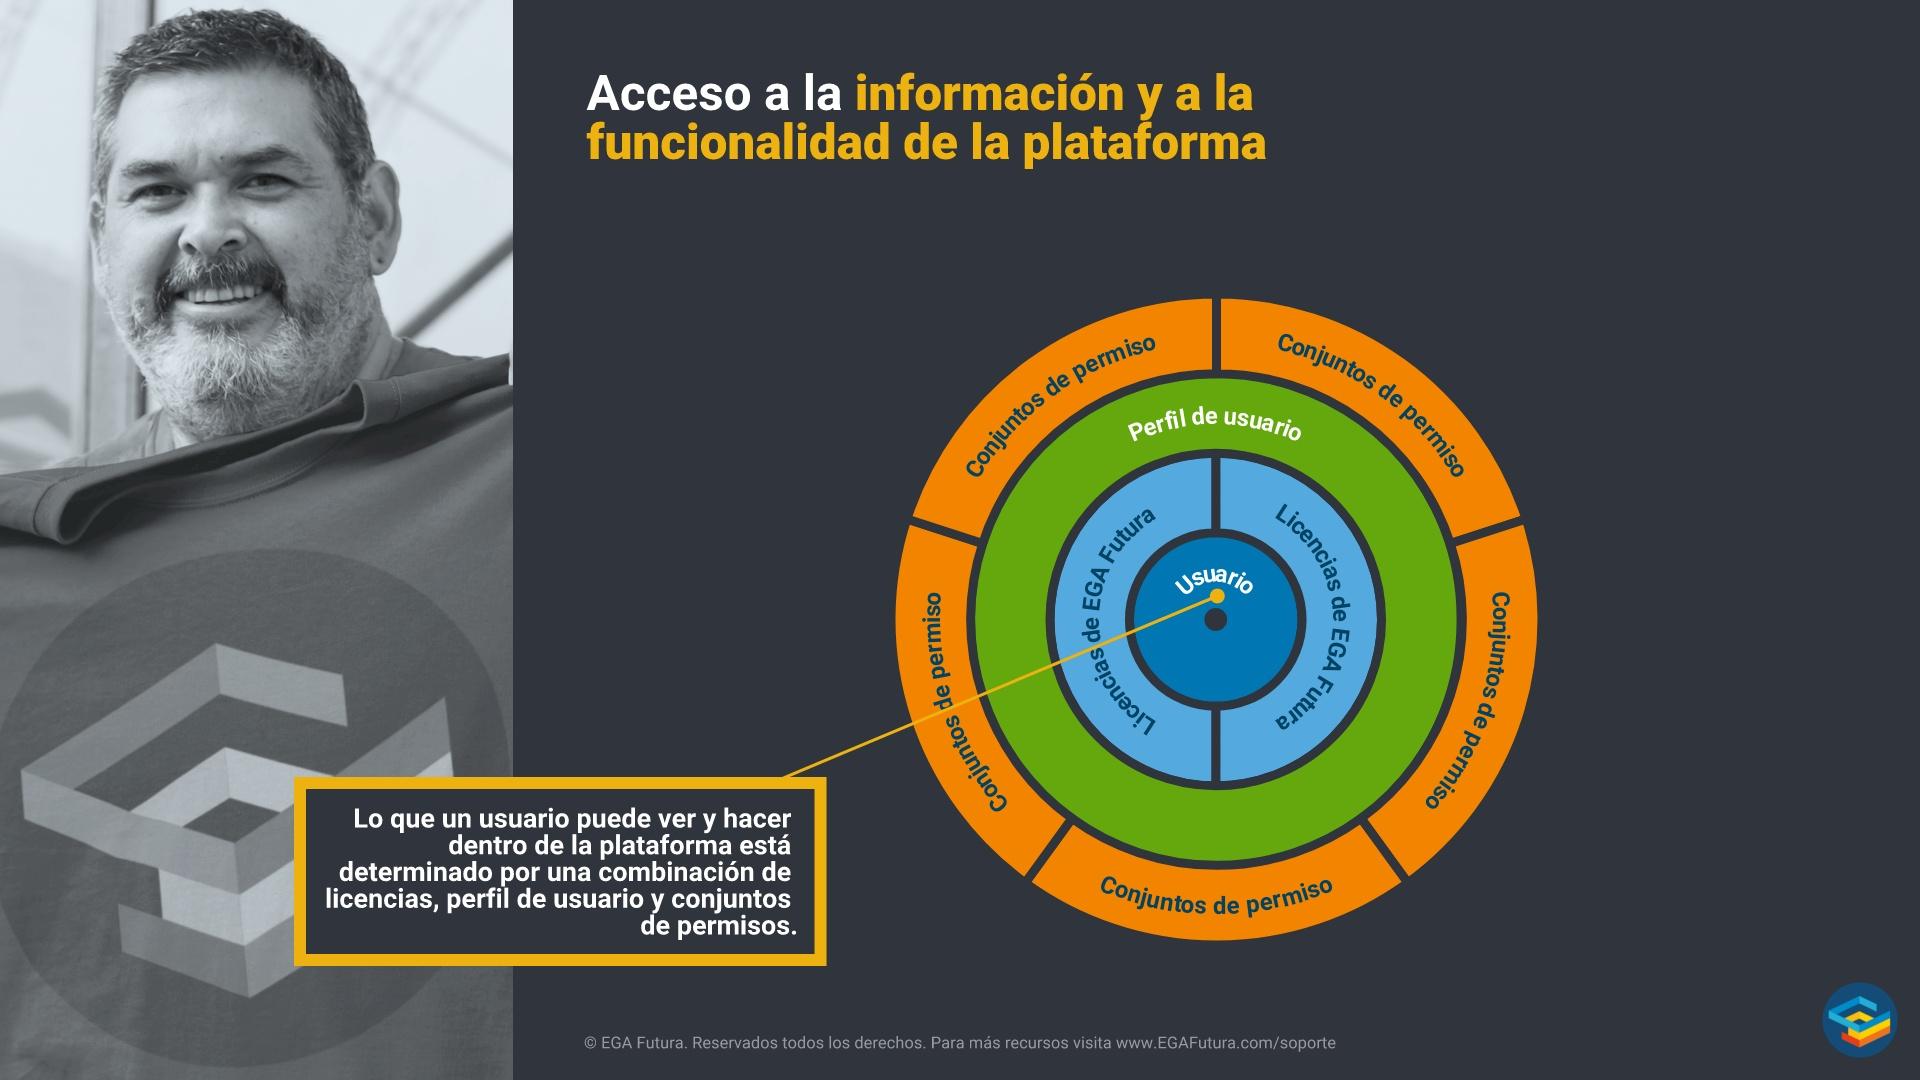 Acceso a la información y a la funcionalidad de la plataforma